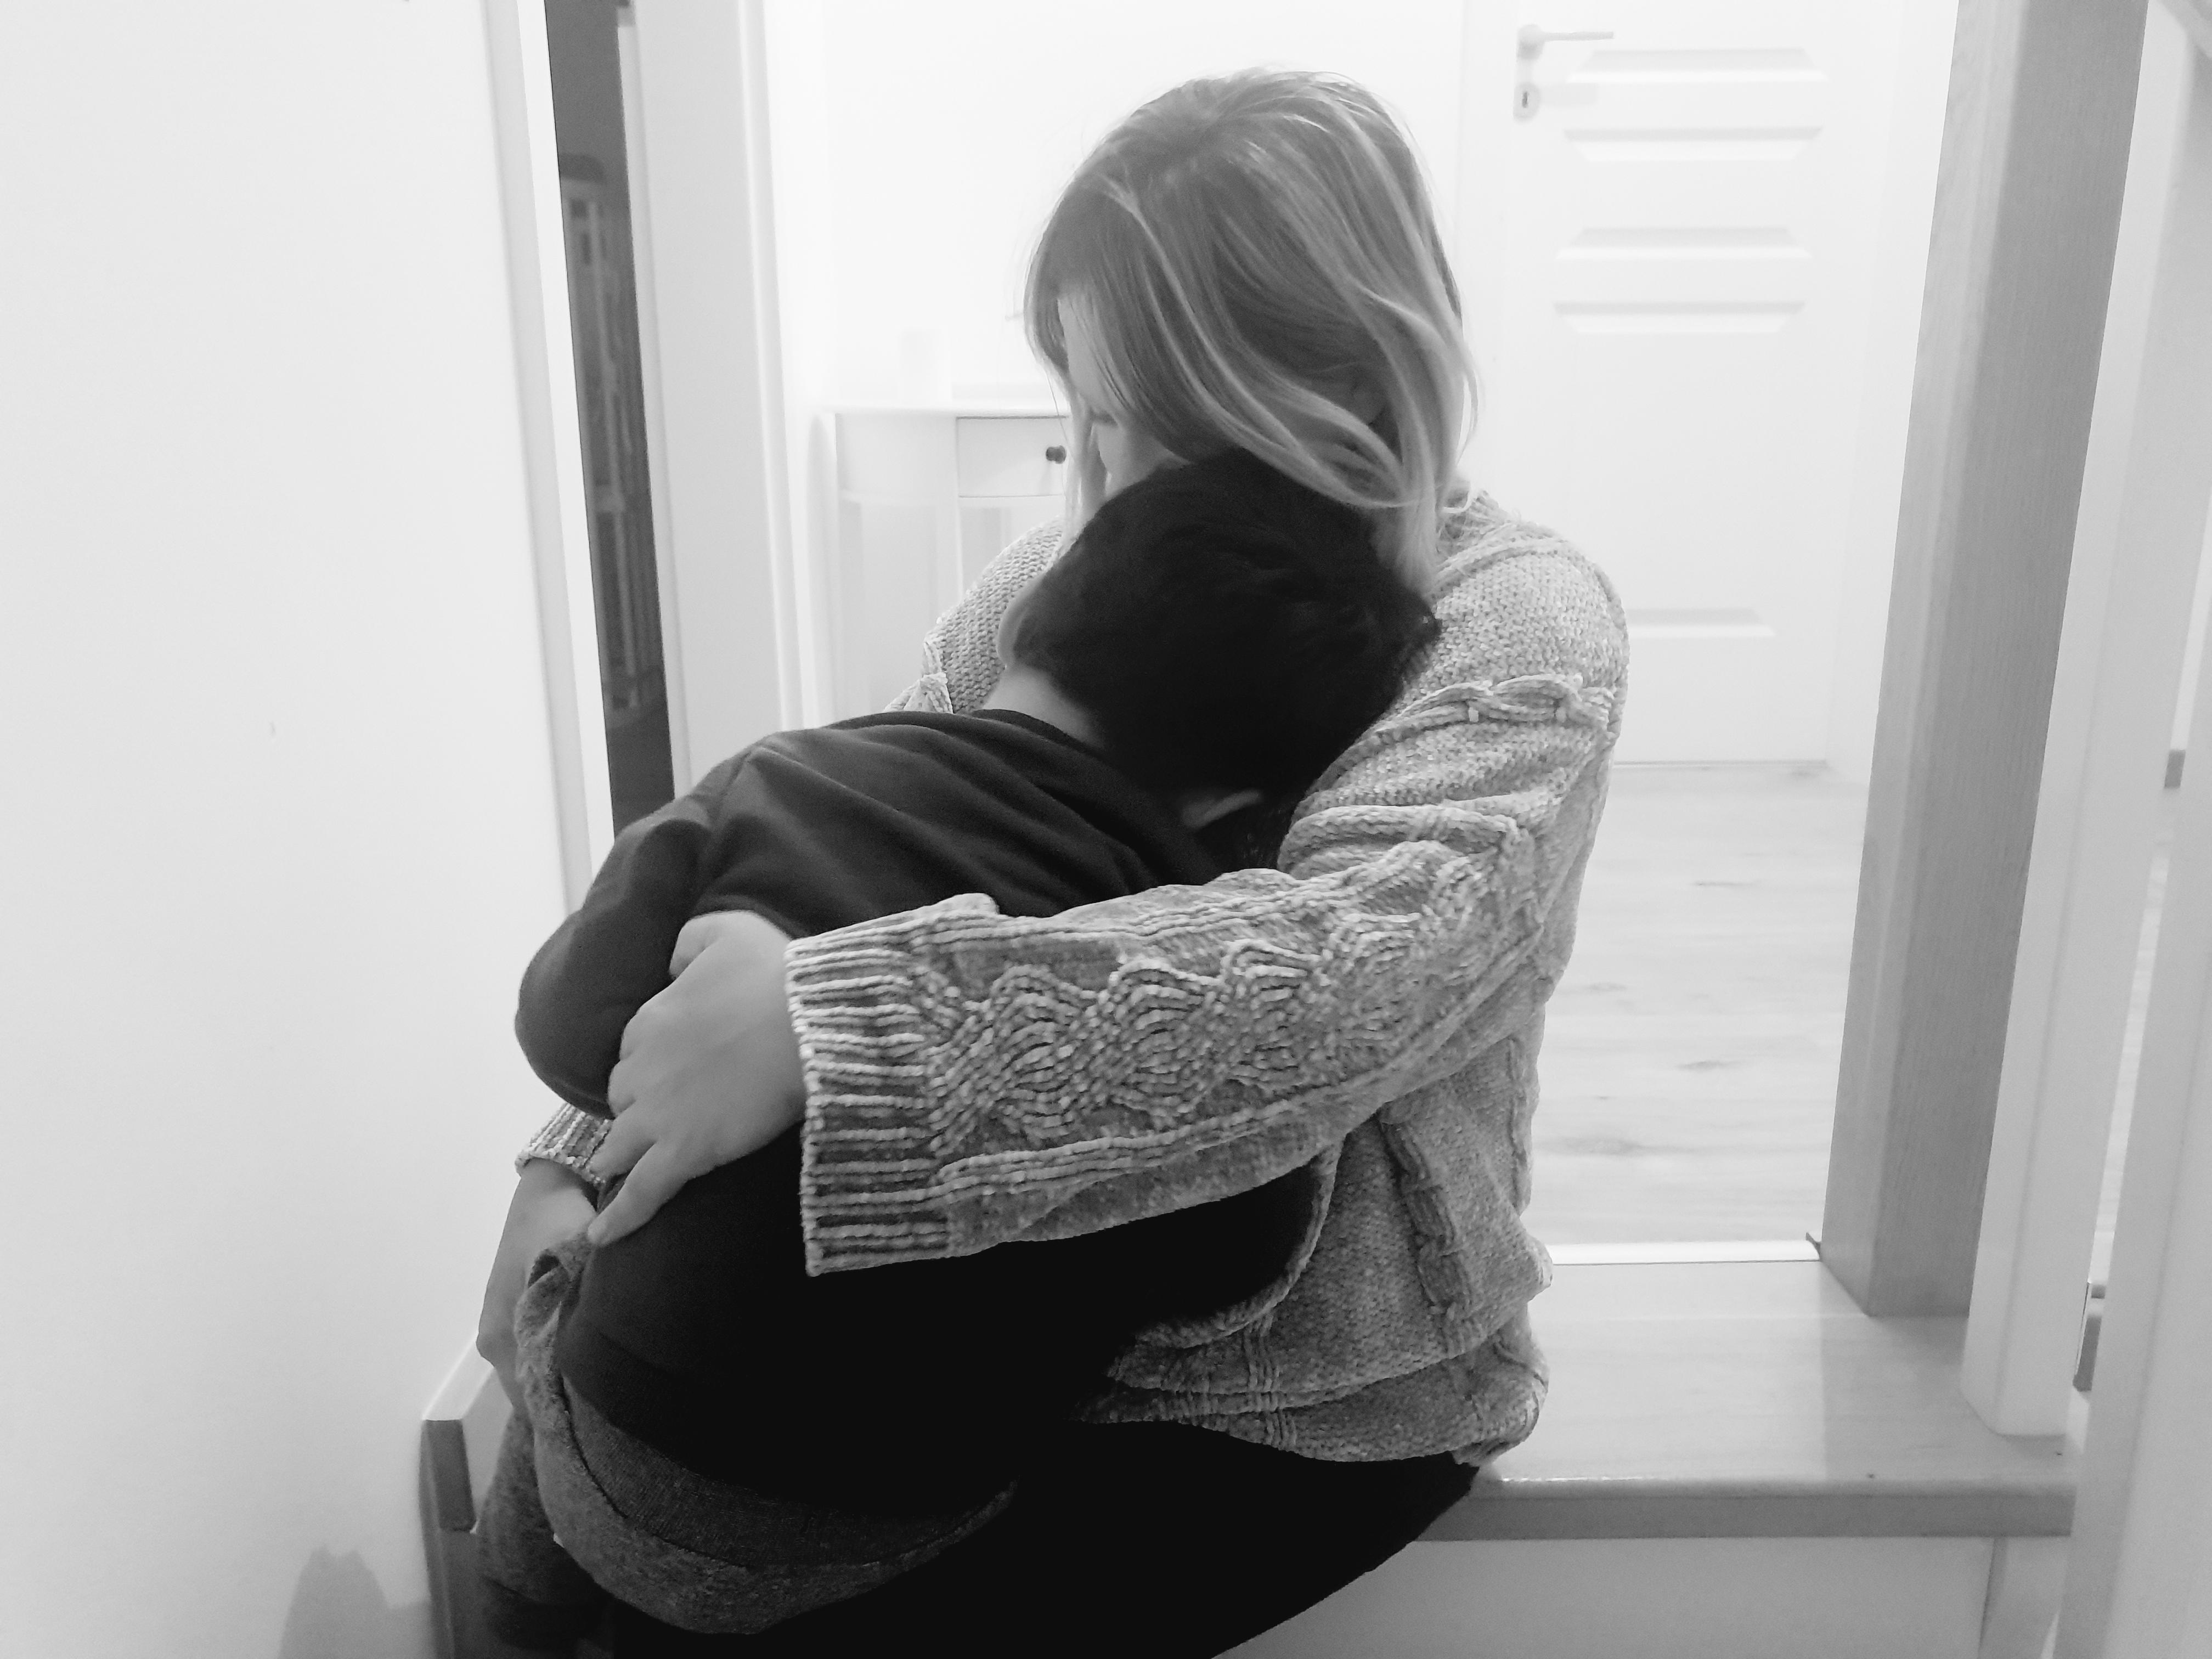 Şi mamele au nevoie de iubire